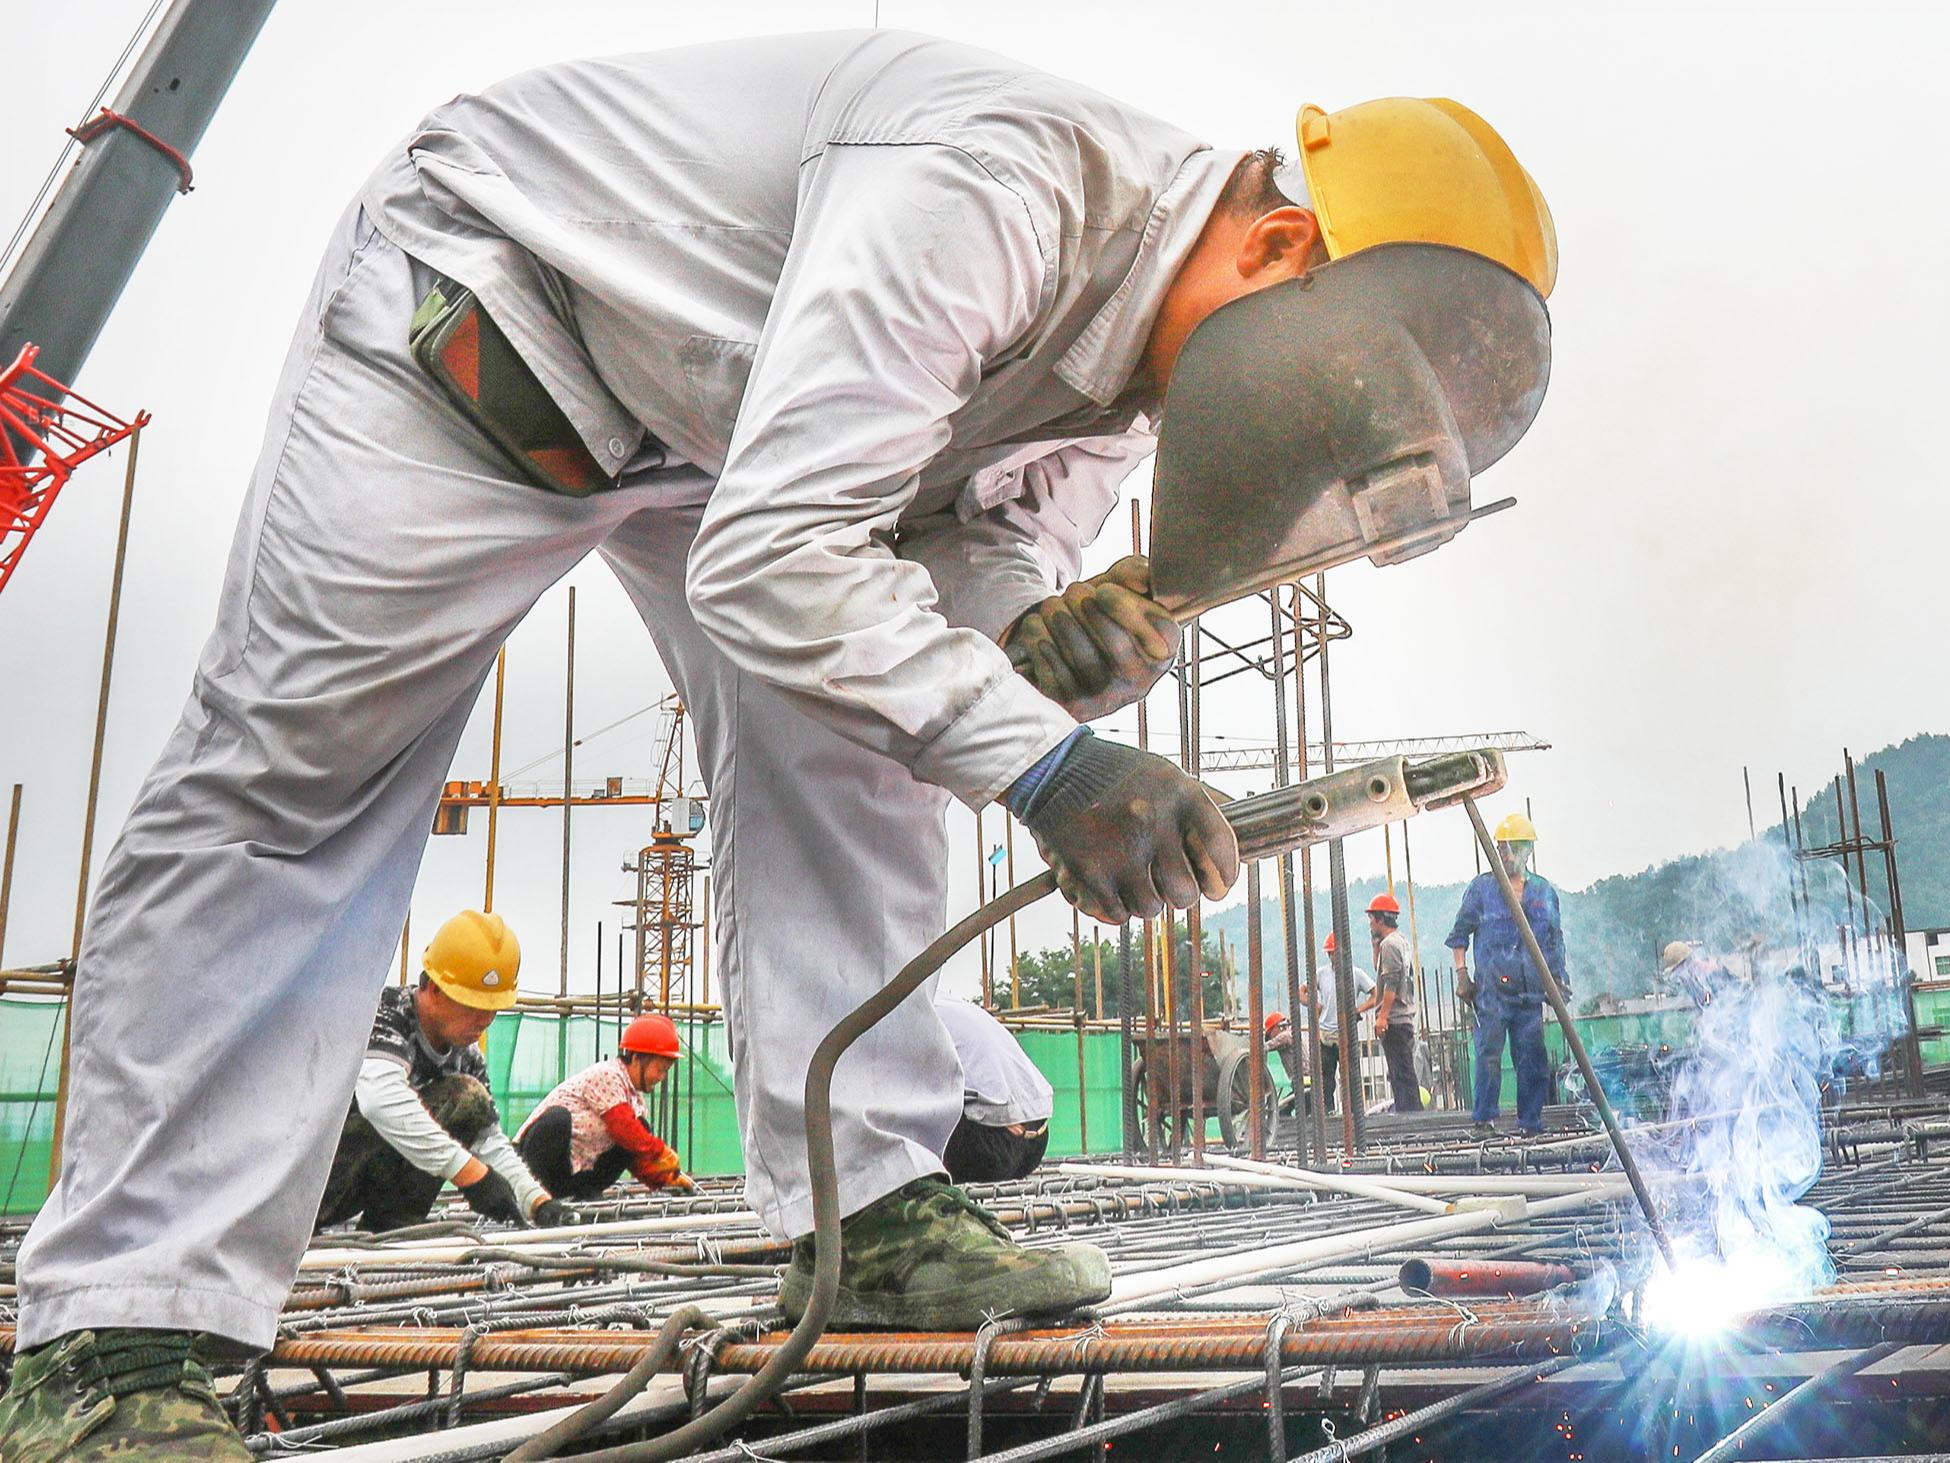 鱼岭工业园:行知外国语学校建设顺利推进